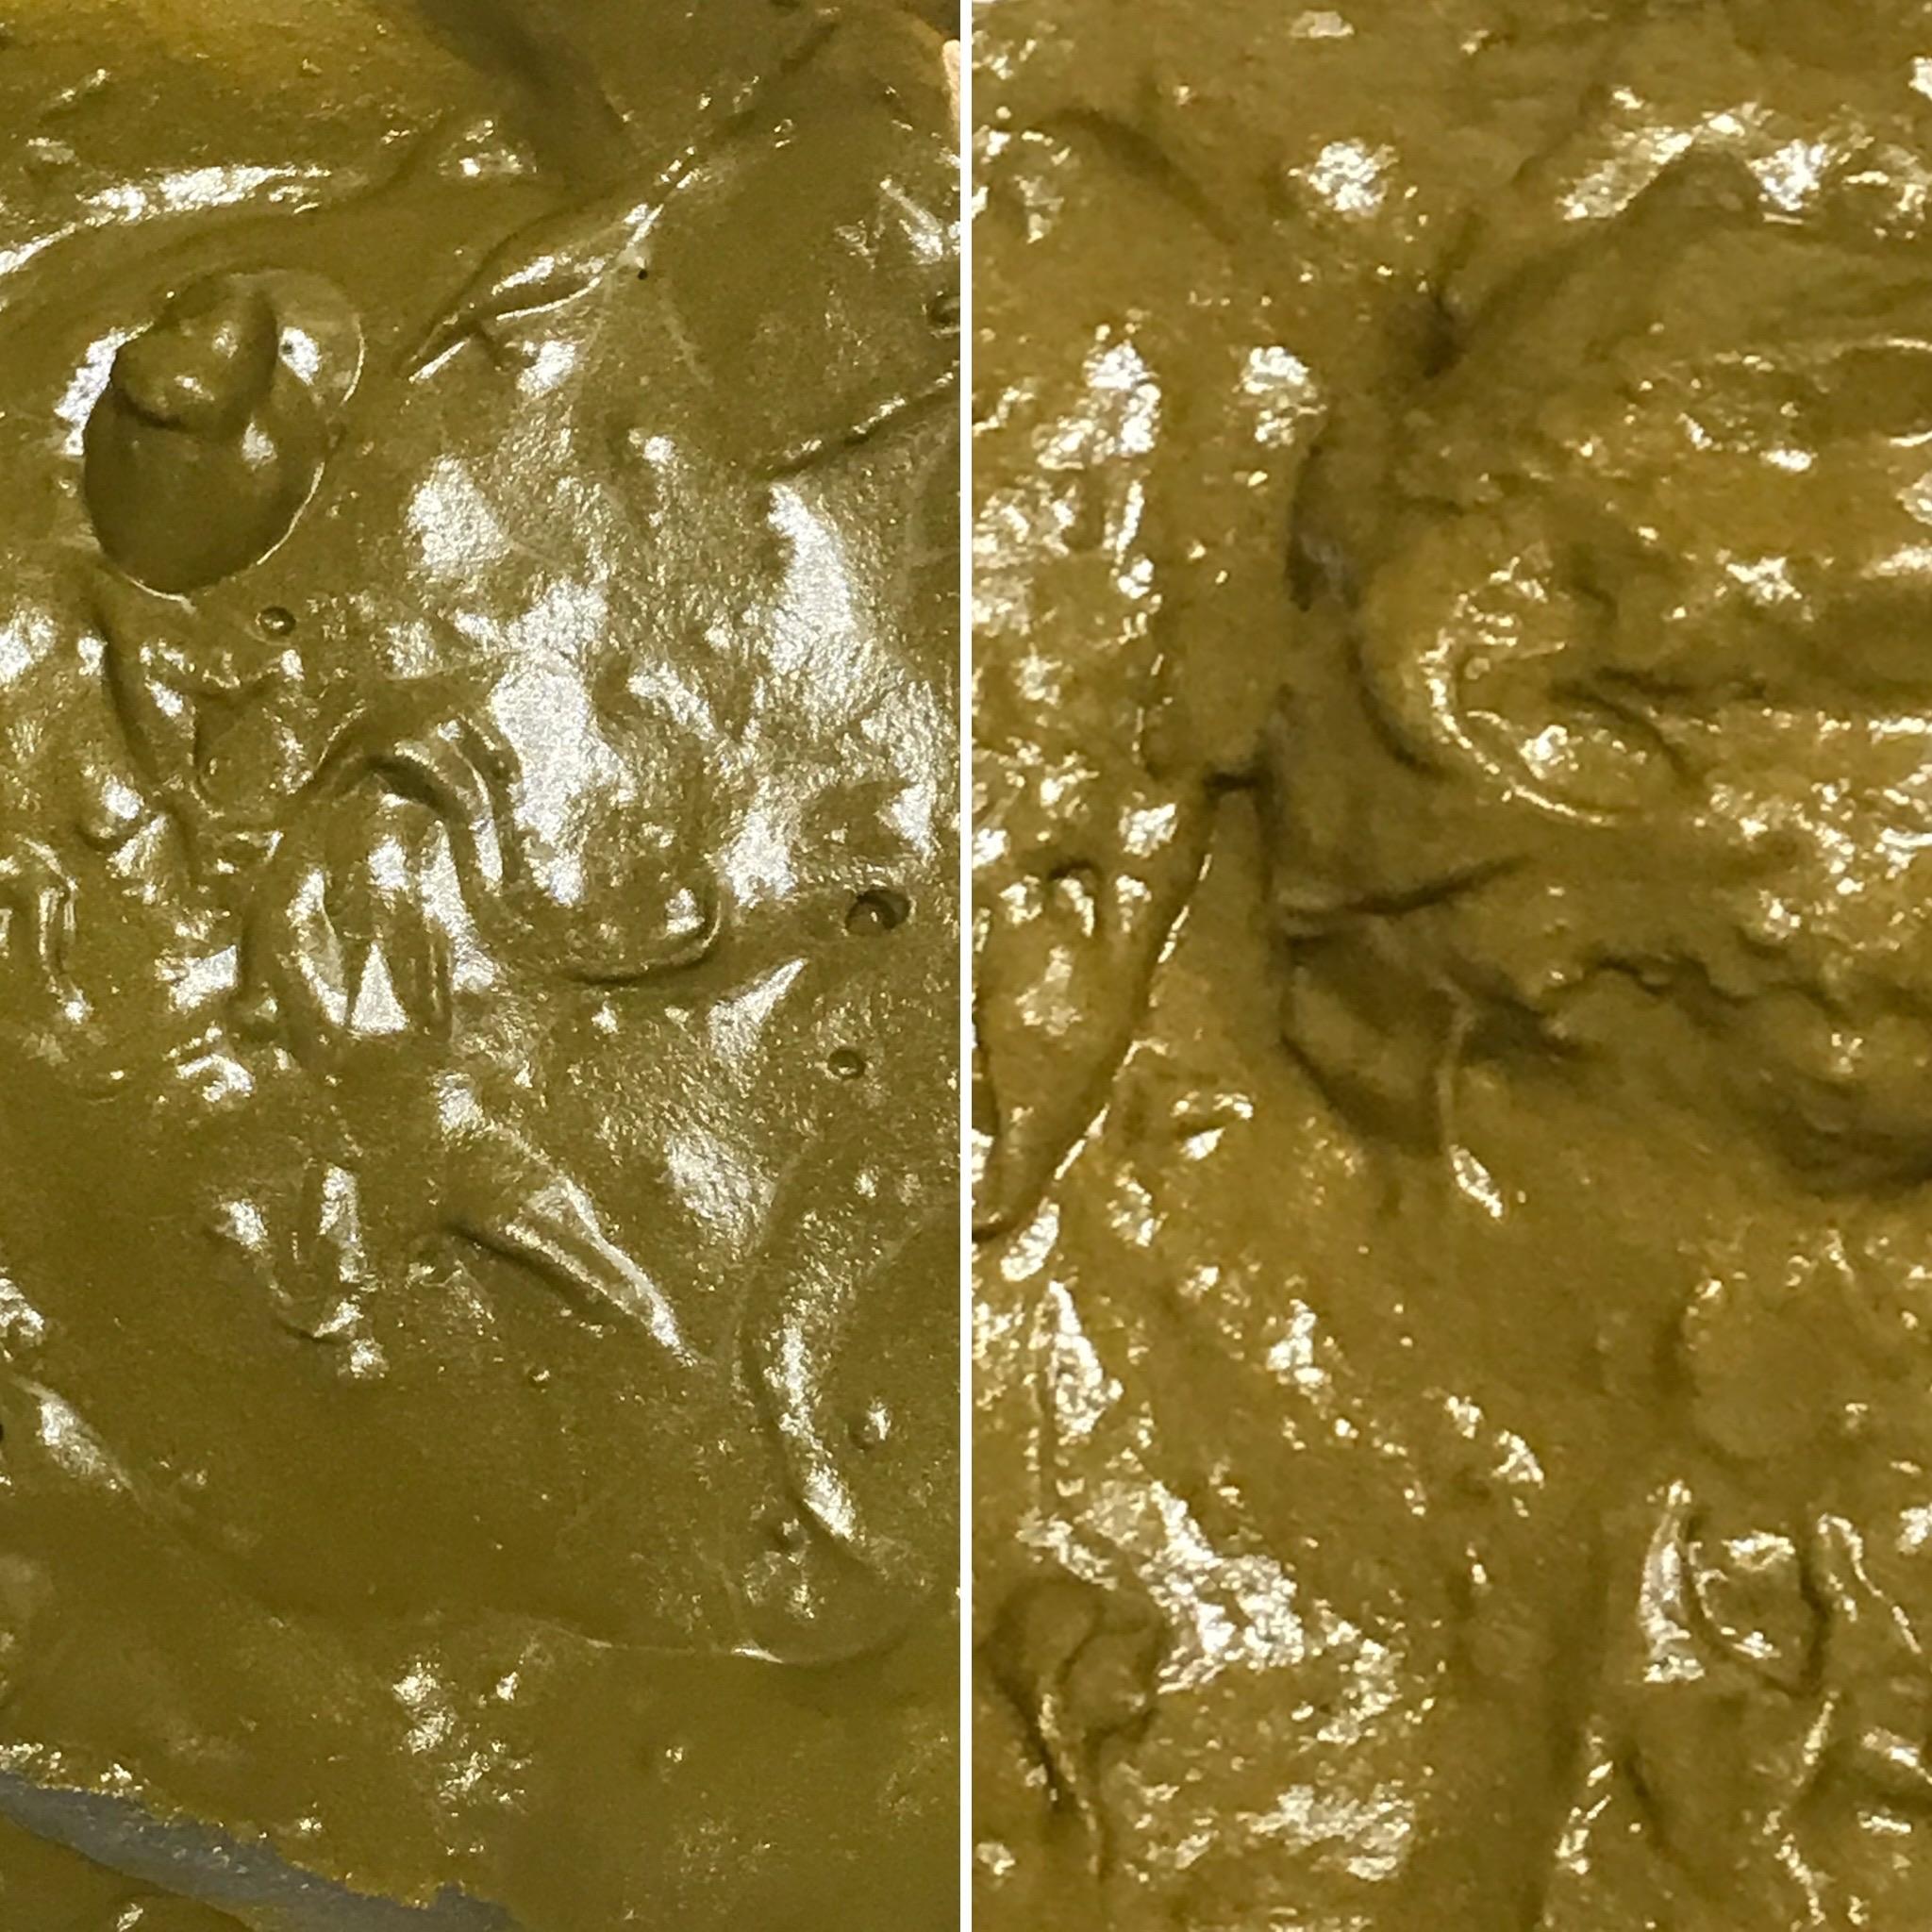 毛が増えた感じ 日vs印 美らヘナ純国産ヘナvsインド産最高品質・HQヘナ